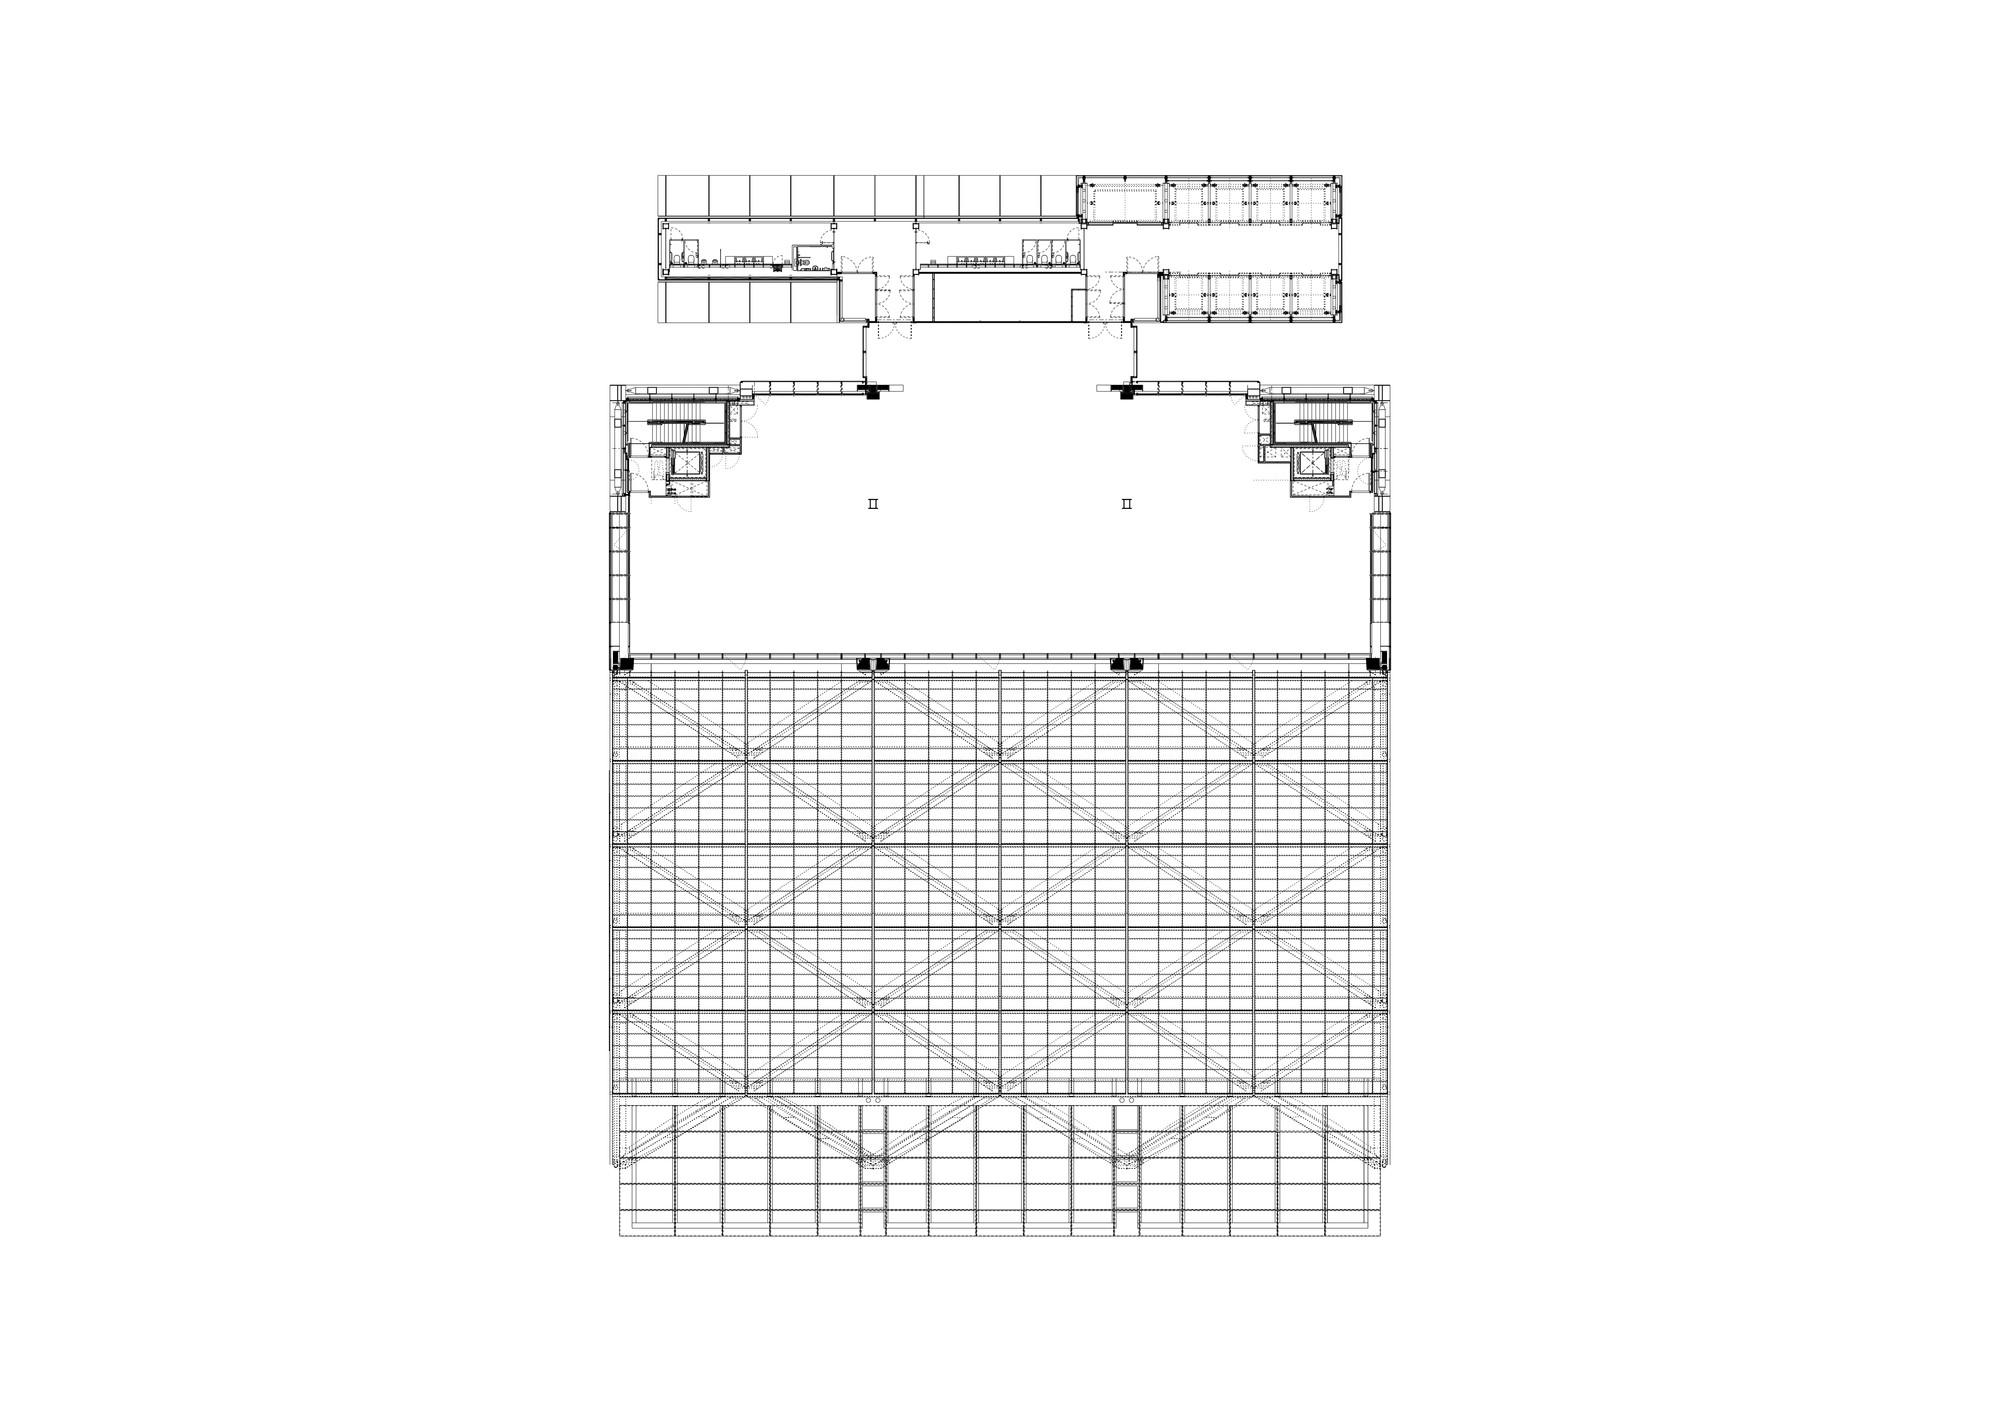 Building Floor Plan